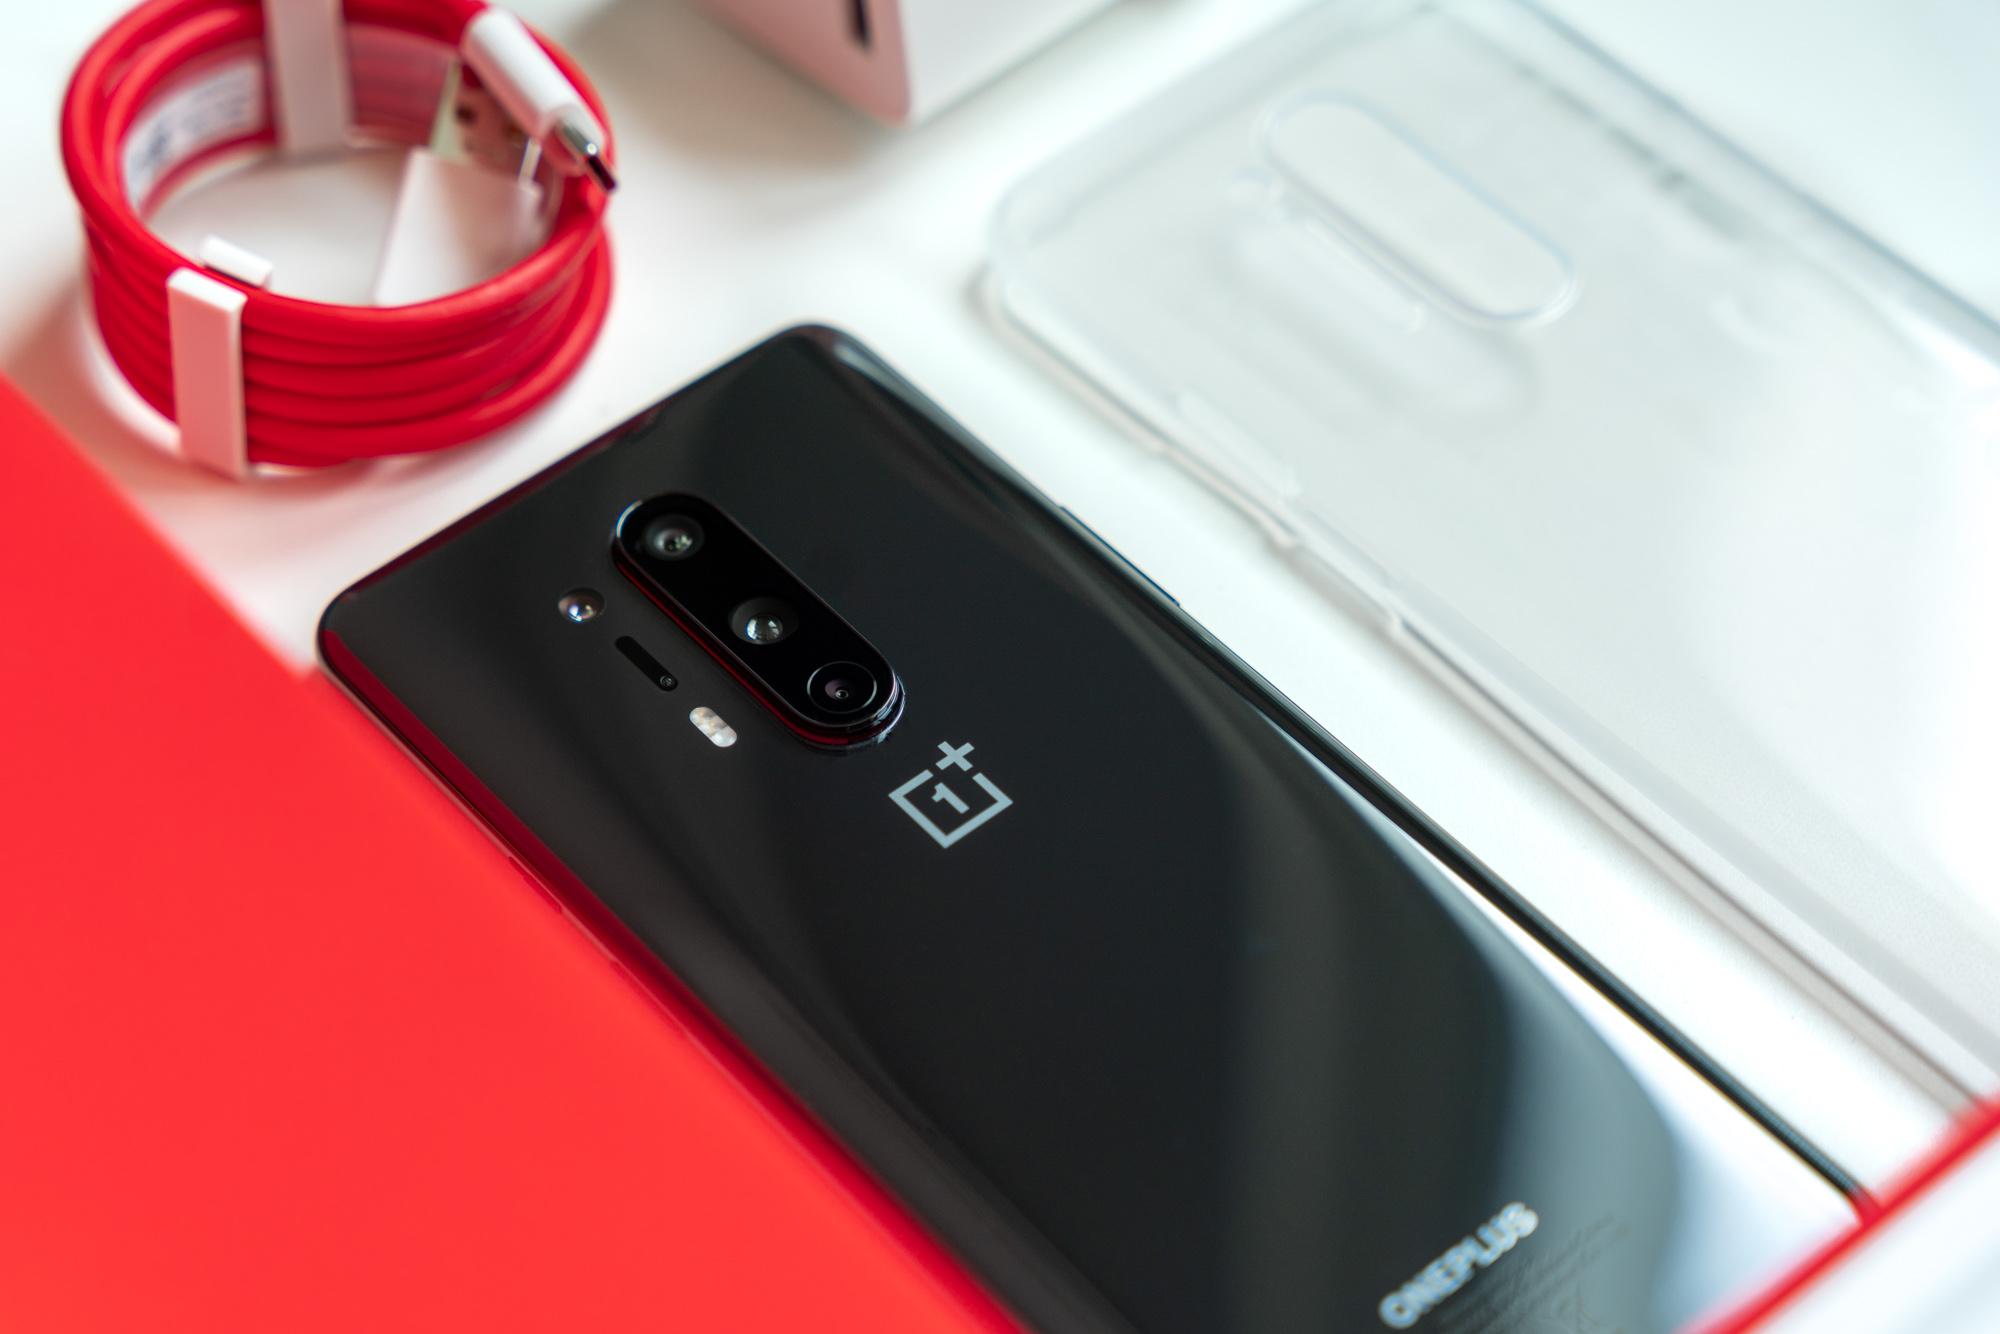 OnePlus smartphone merkea merkea prestatzen ari da.  Estreinaldia aurten ere bada